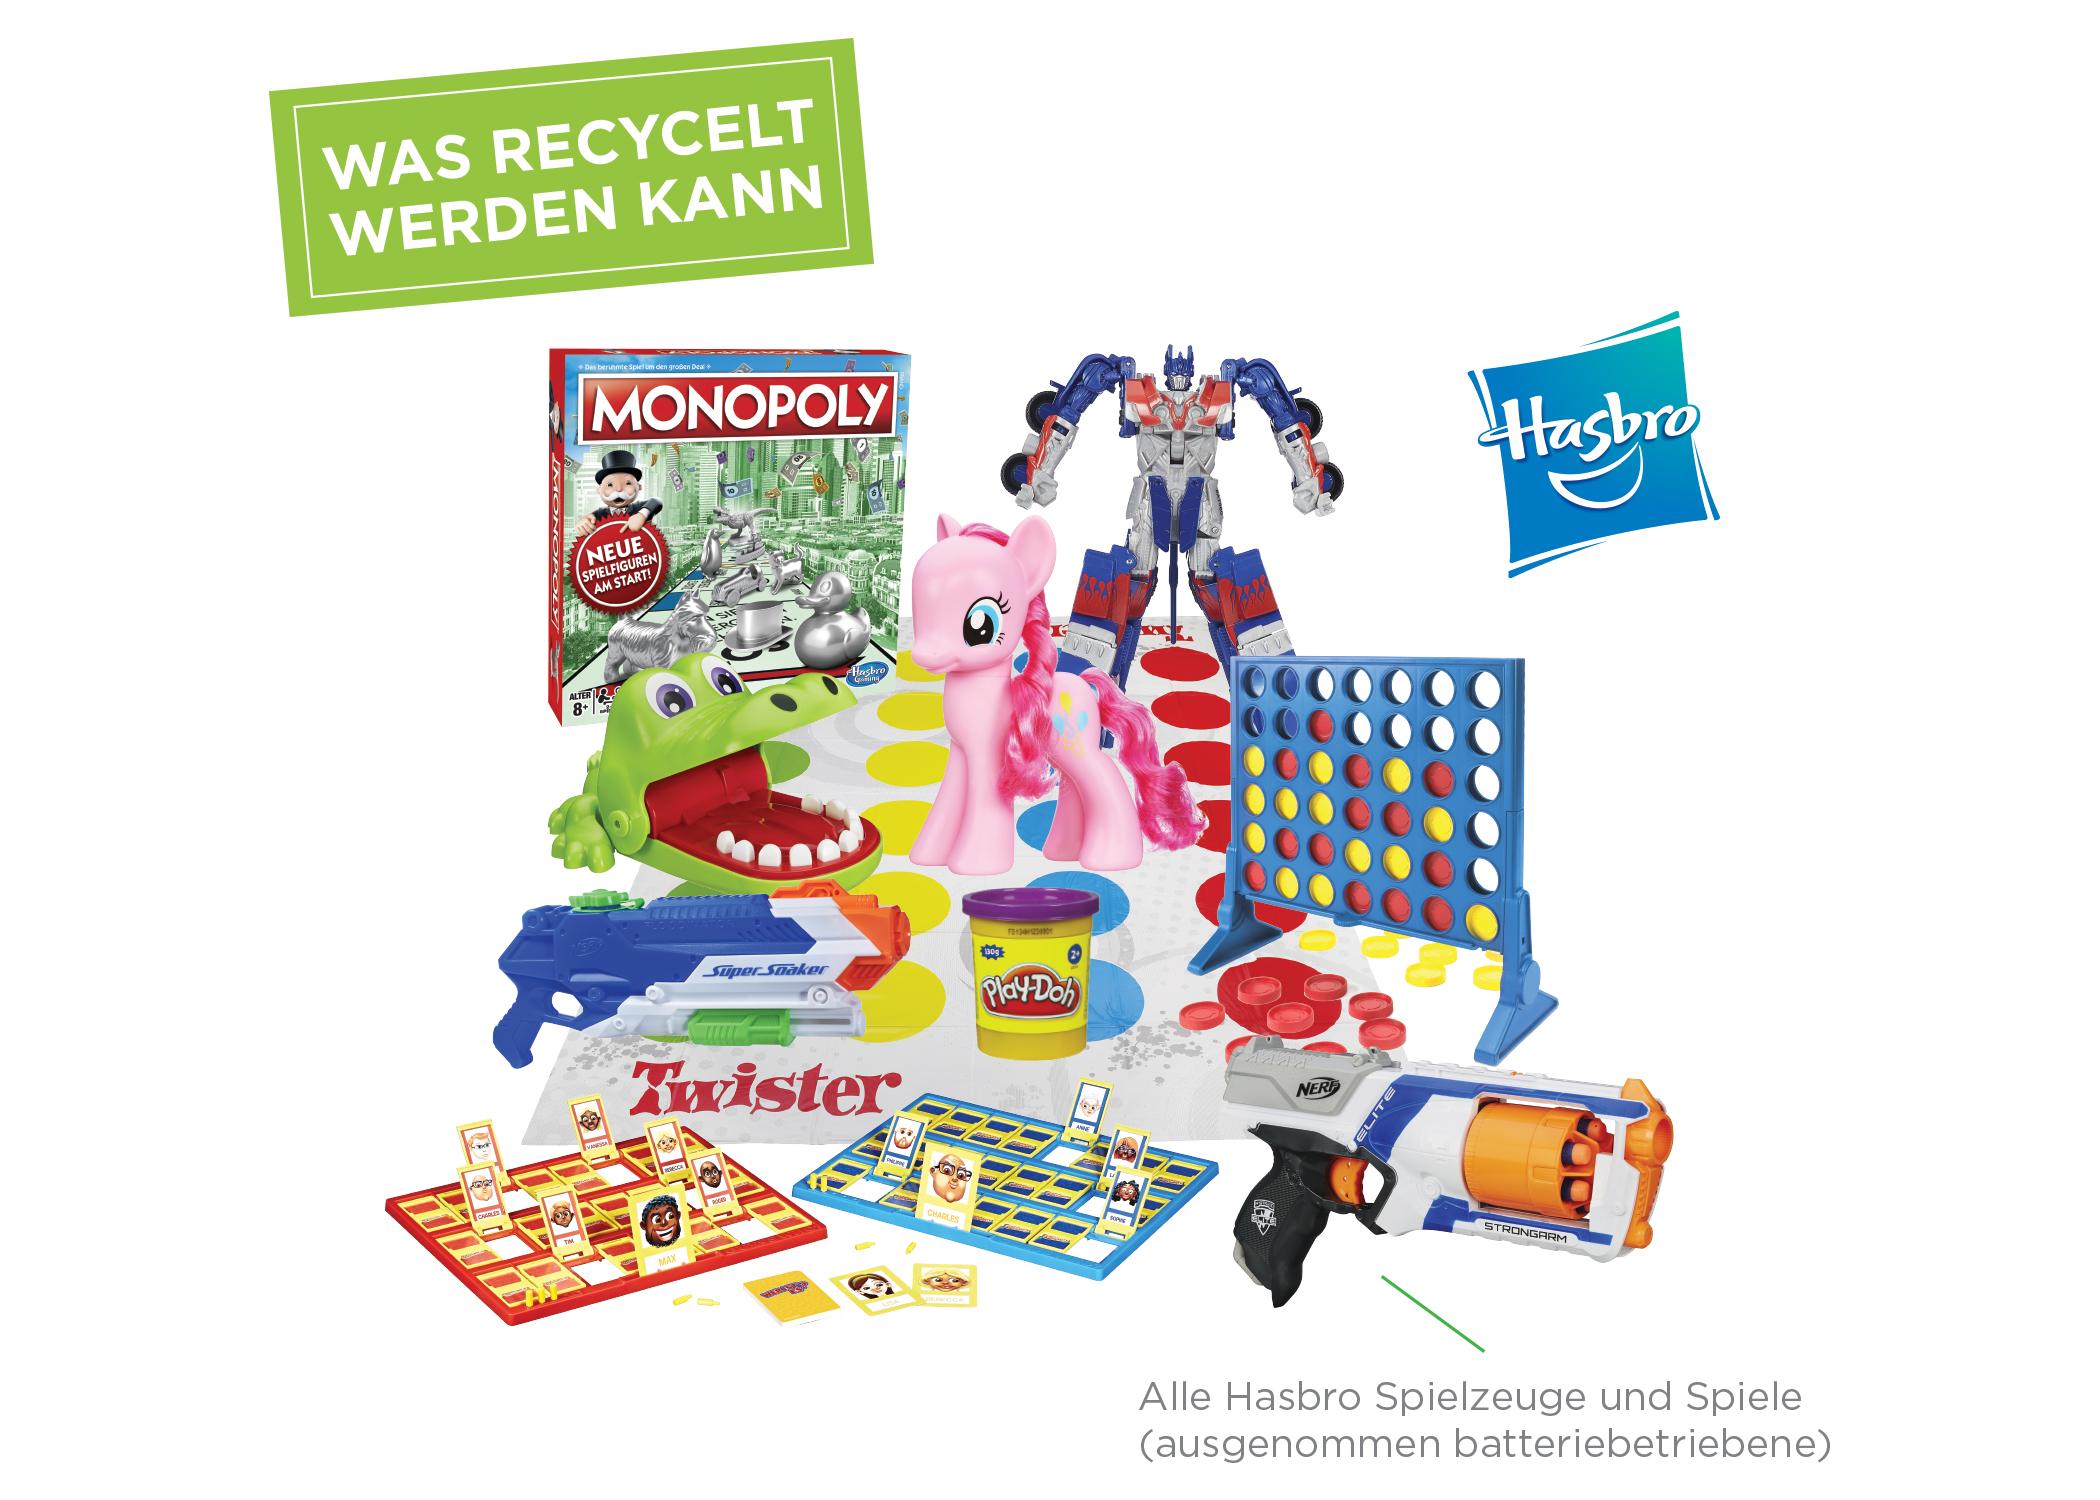 Im Rahmen des Spielzeug-Recycling-Programms von Hasbro könnt ihr ab sofort alle Spielzeuge und Spiele des Herstellers, die nicht batteriebetrieben sind, zur Wiederverwertung zurückgeben. Geniale Idee! Bild: Hasbro